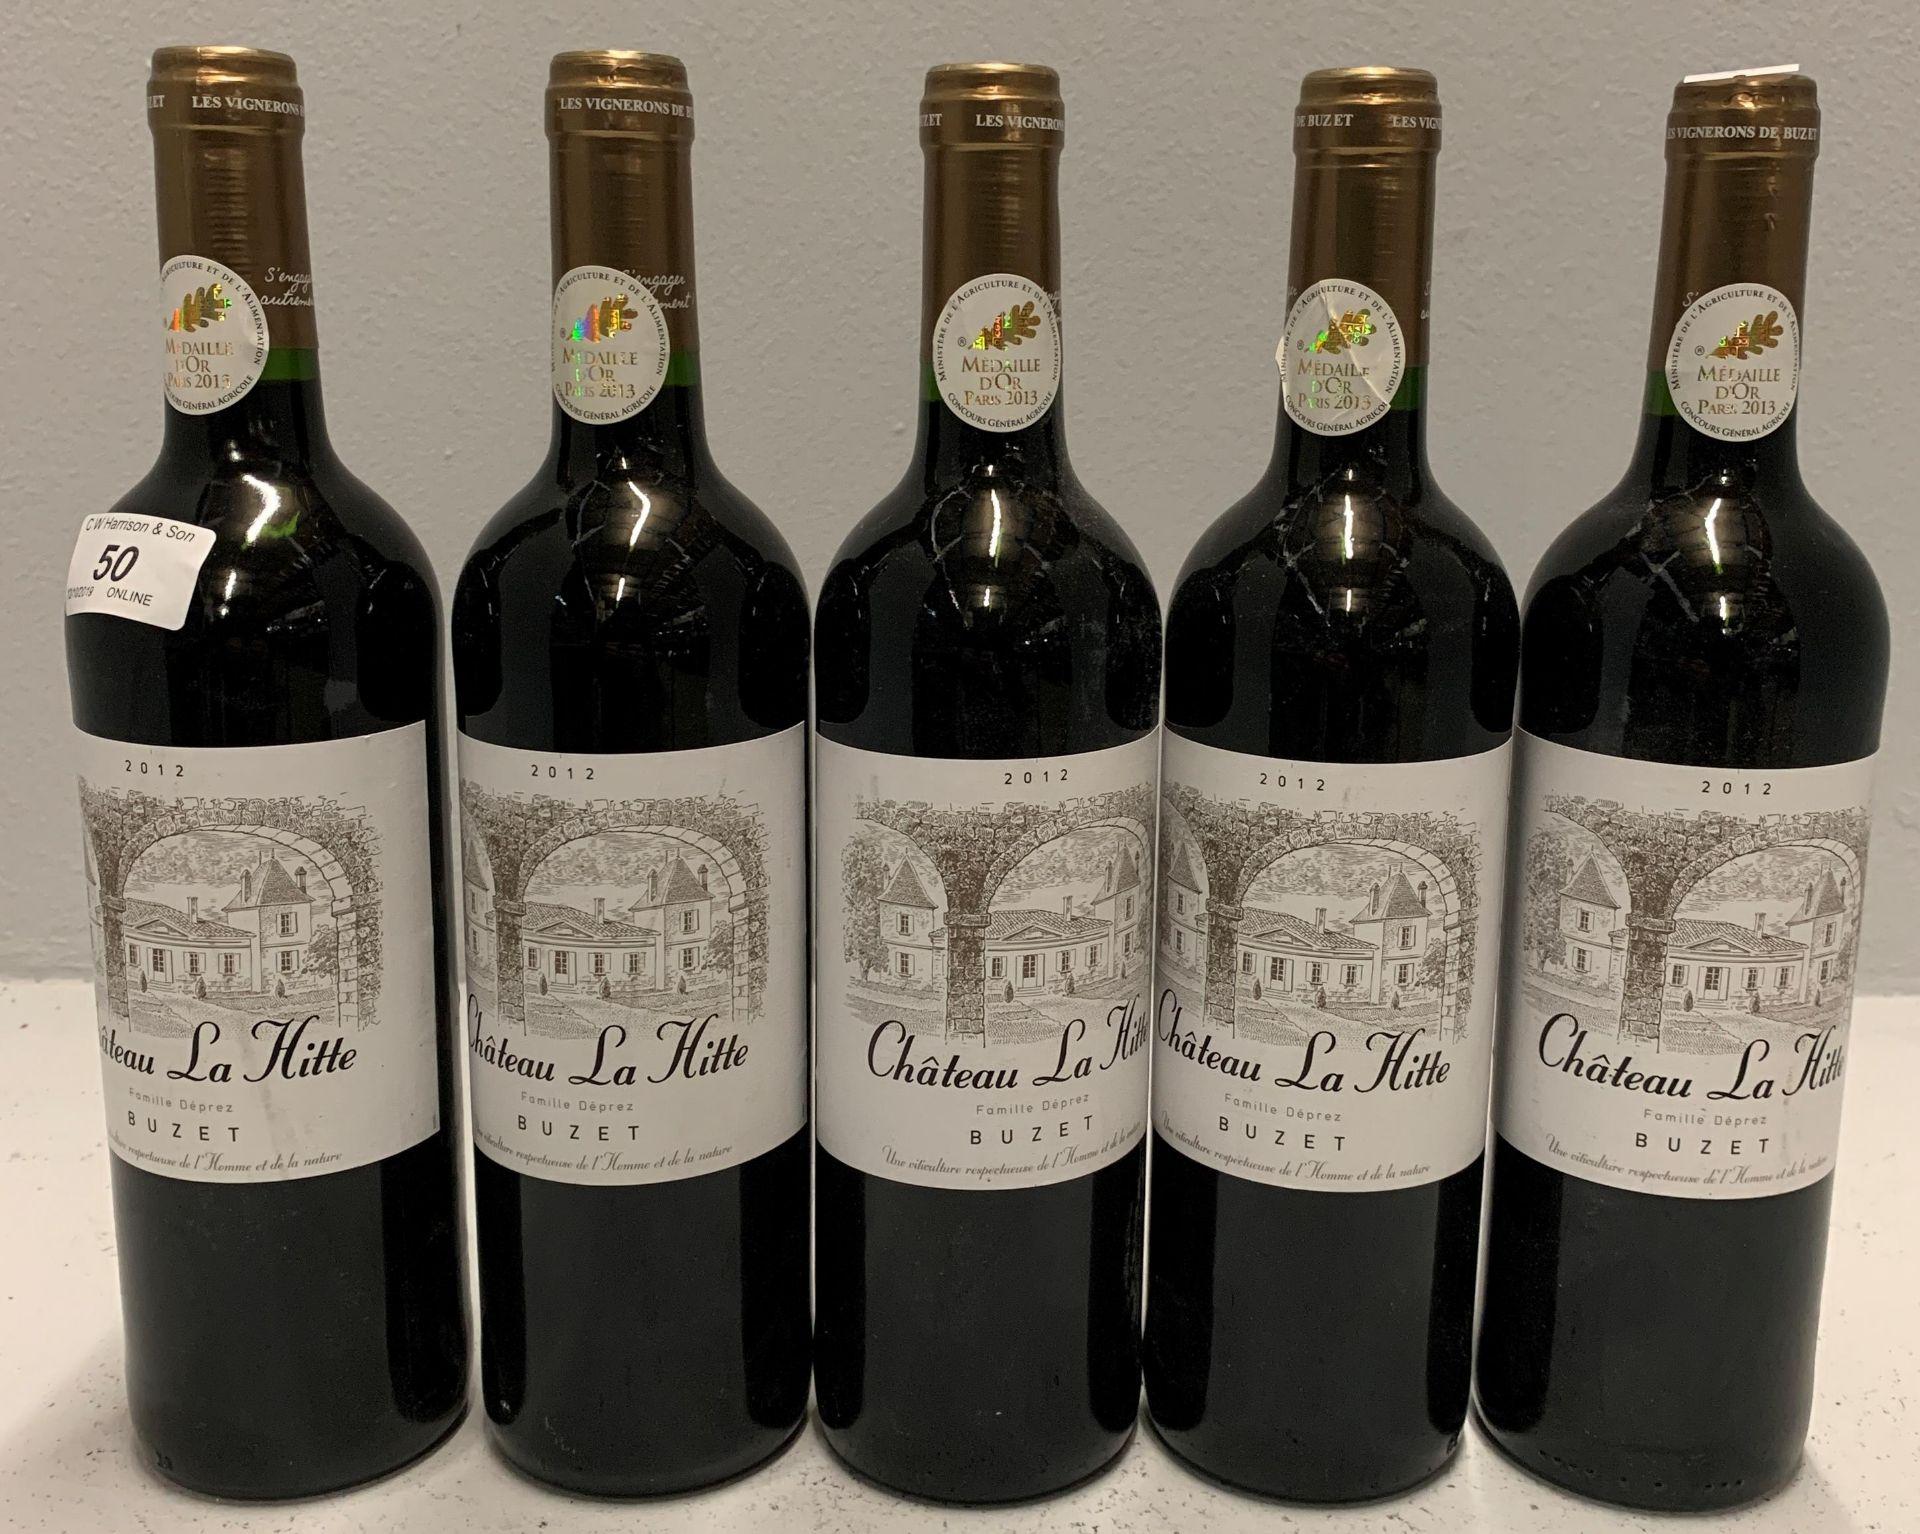 Lot 50 - 5 x 750ml bottles Chateau La Hitte - 201